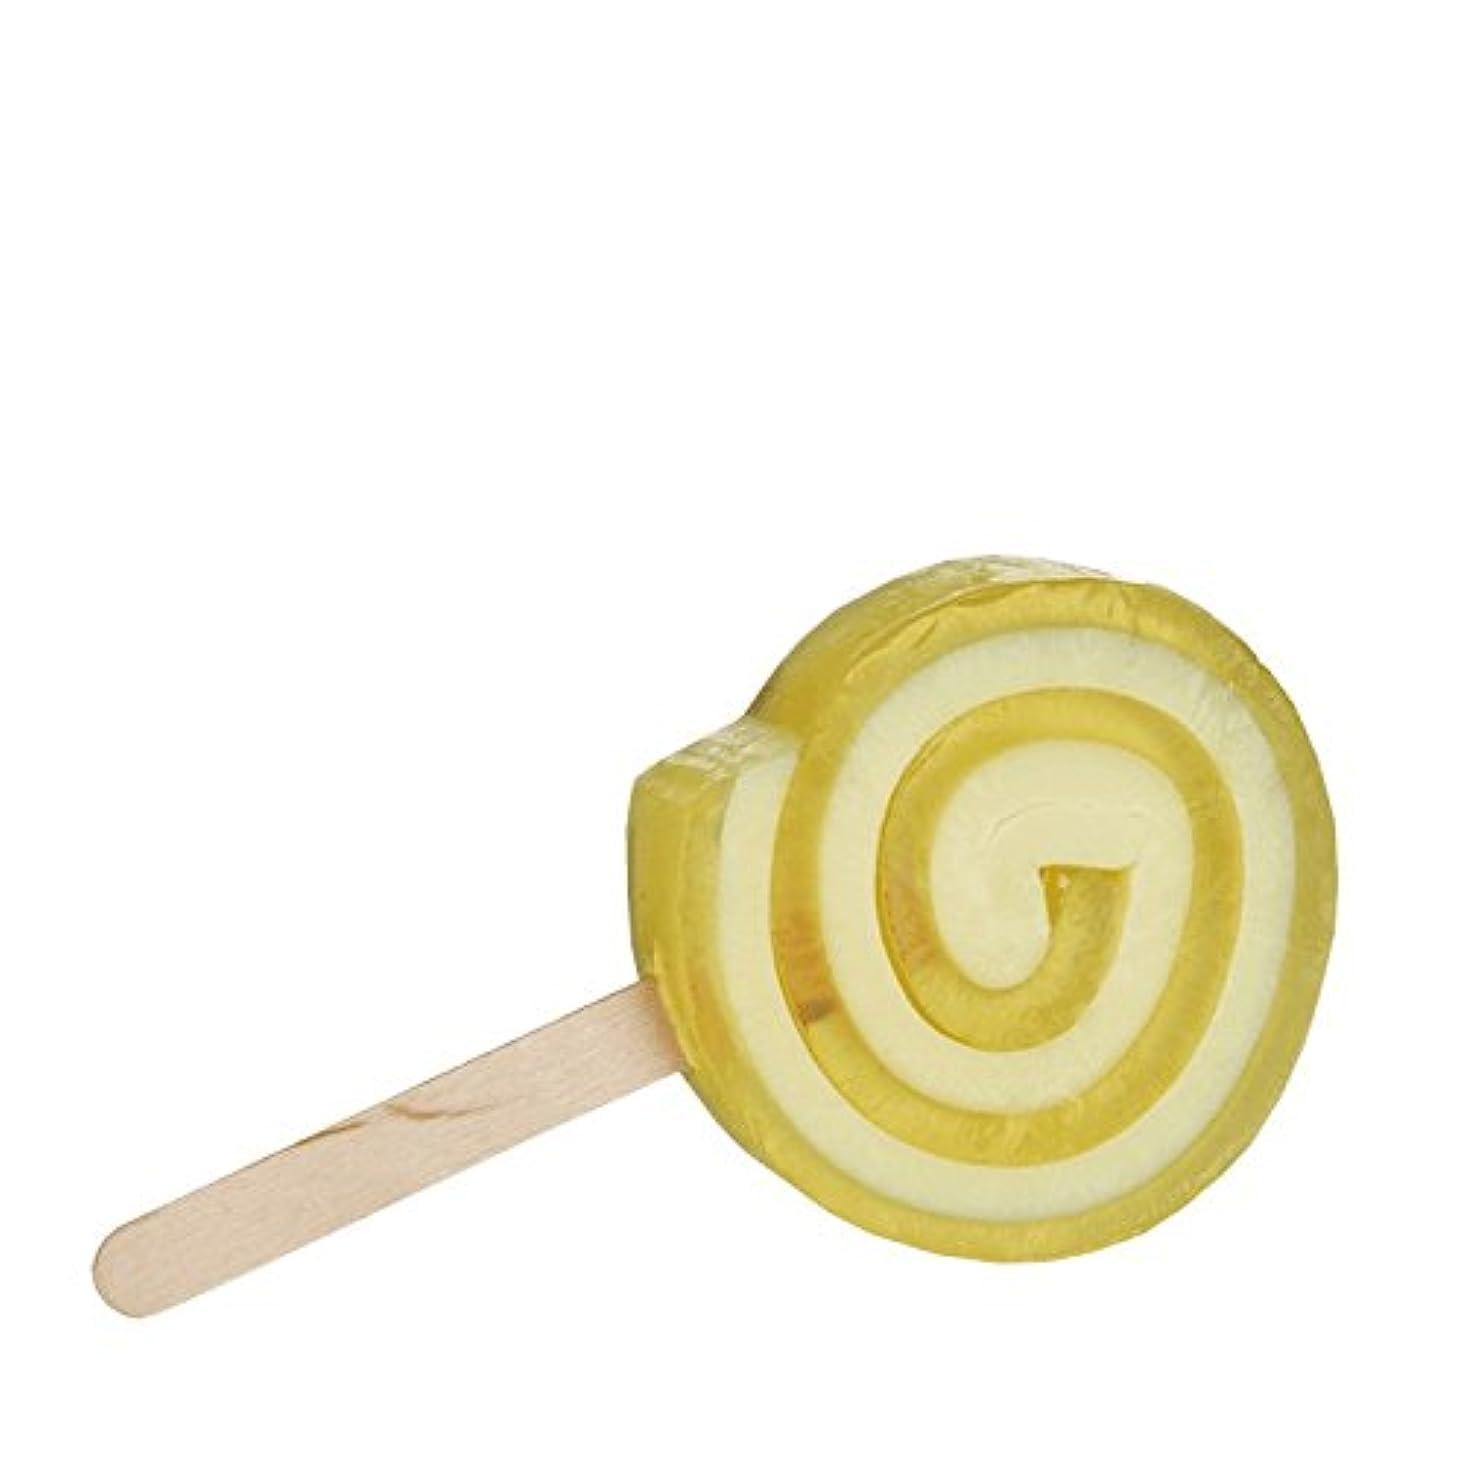 パンフレットマーティンルーサーキングジュニア緑Beauty Kitchen Inspire Me Lucious Lollipop Natural Soap 90g (Pack of 6) - 美しさのキッチンは私にルシアスロリポップ自然石鹸90グラムを鼓舞します...